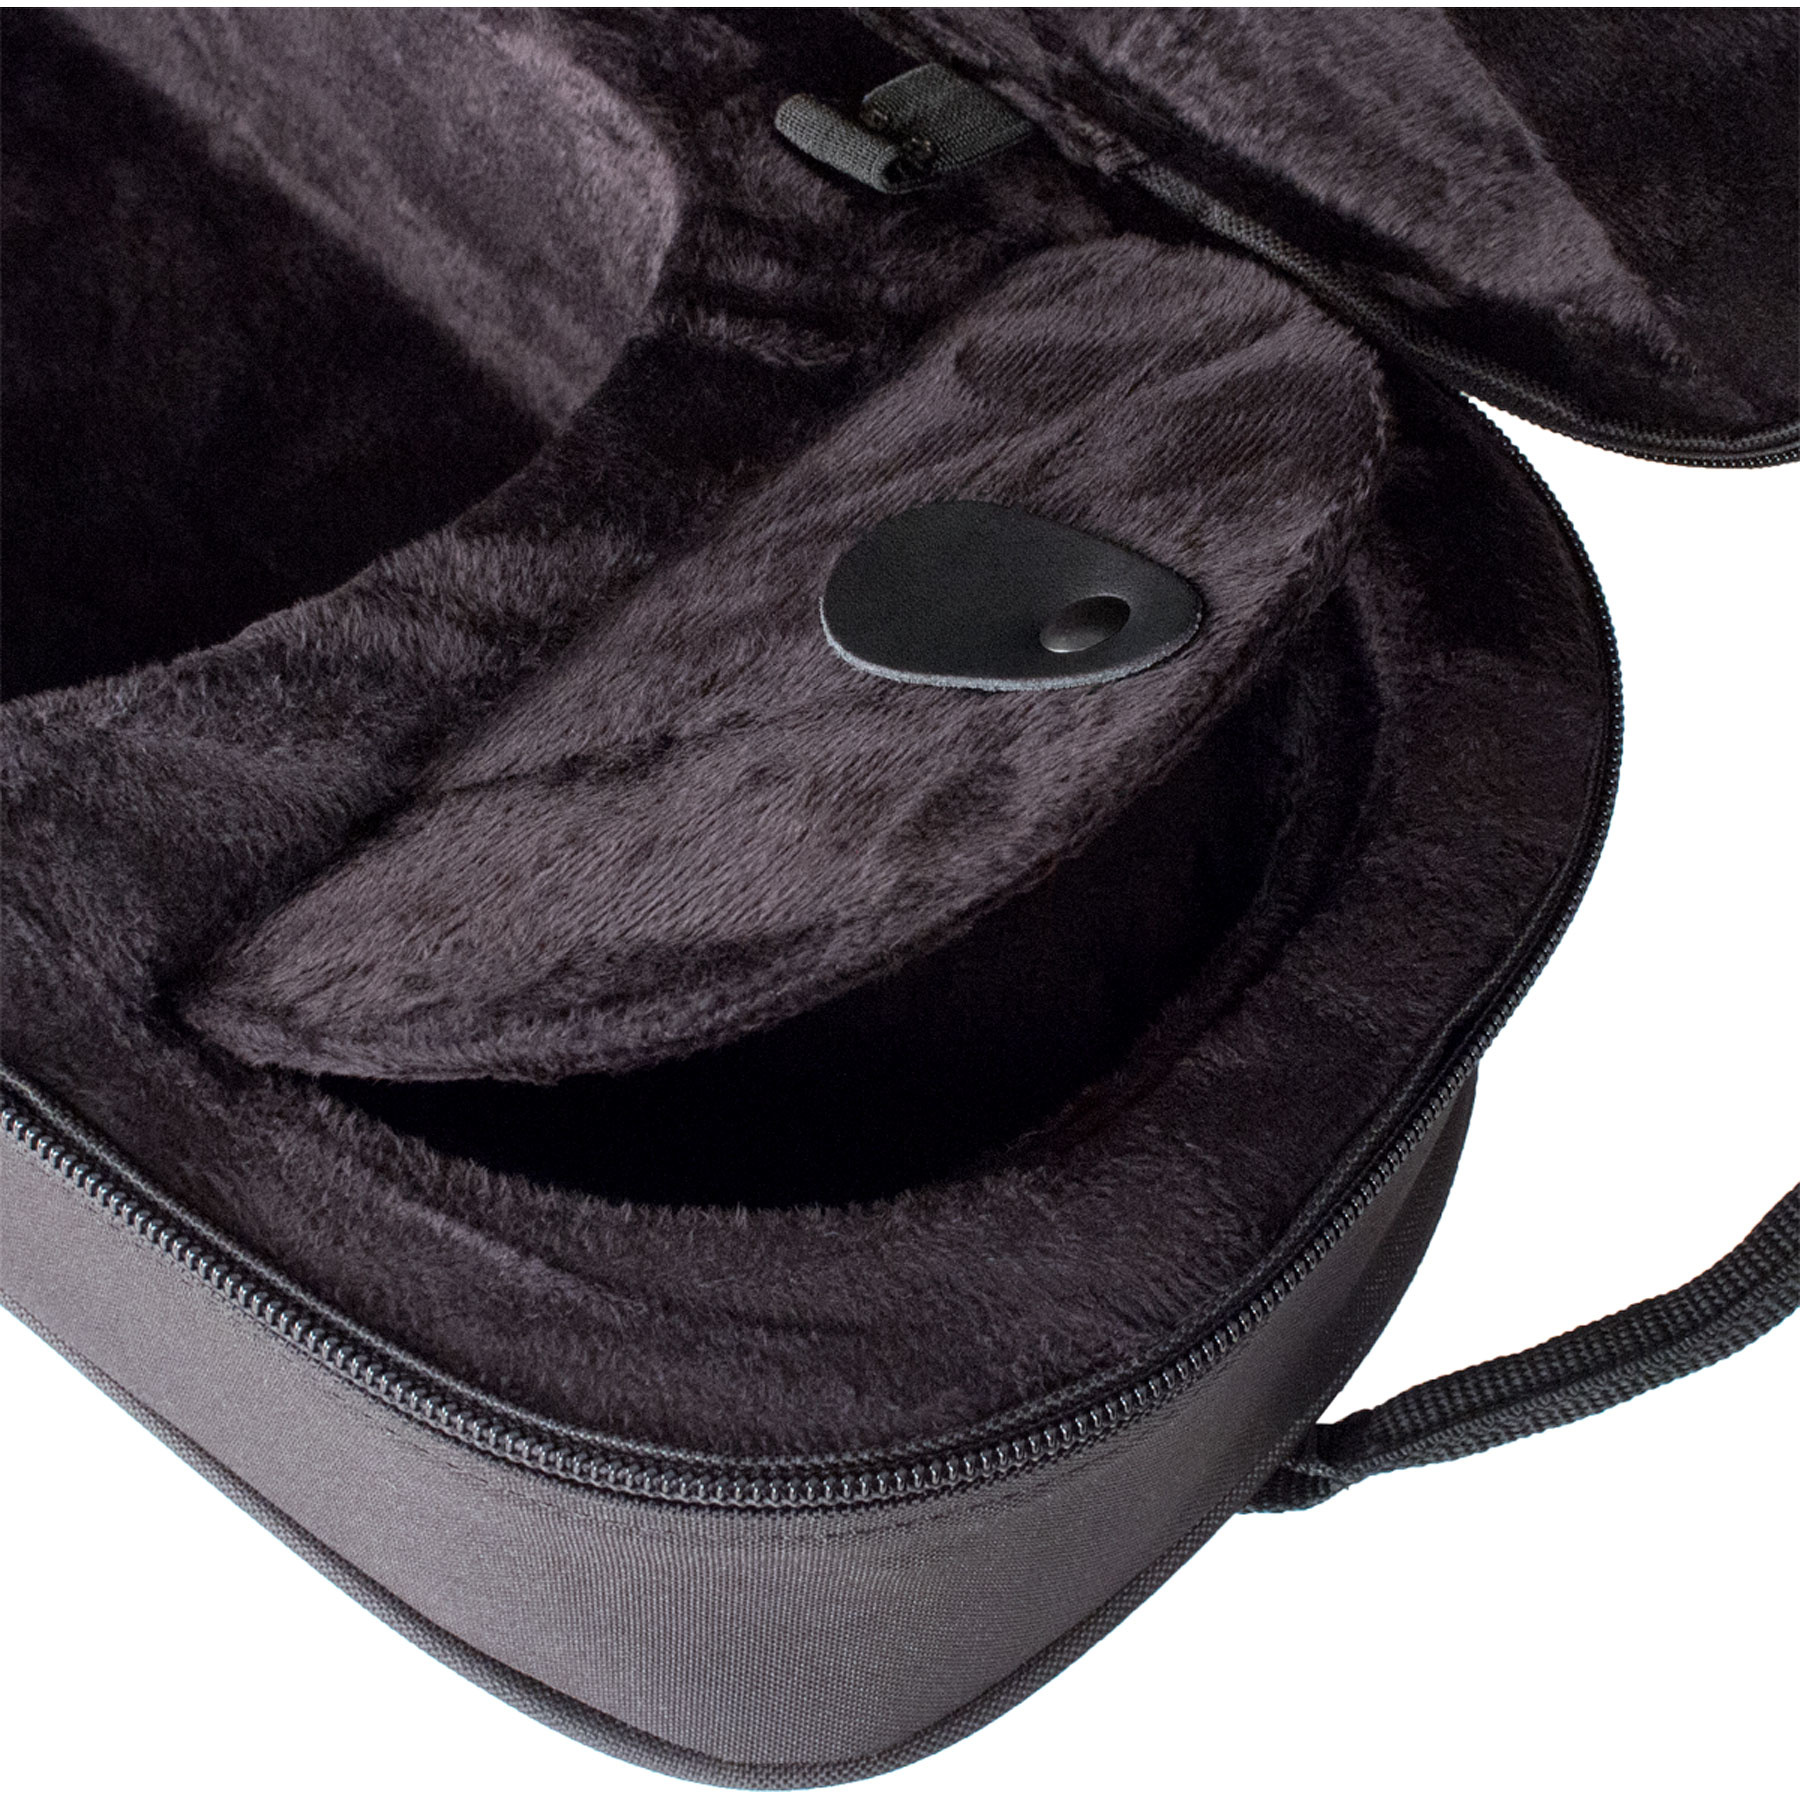 Protec Protec MAX Bass Trombone Case